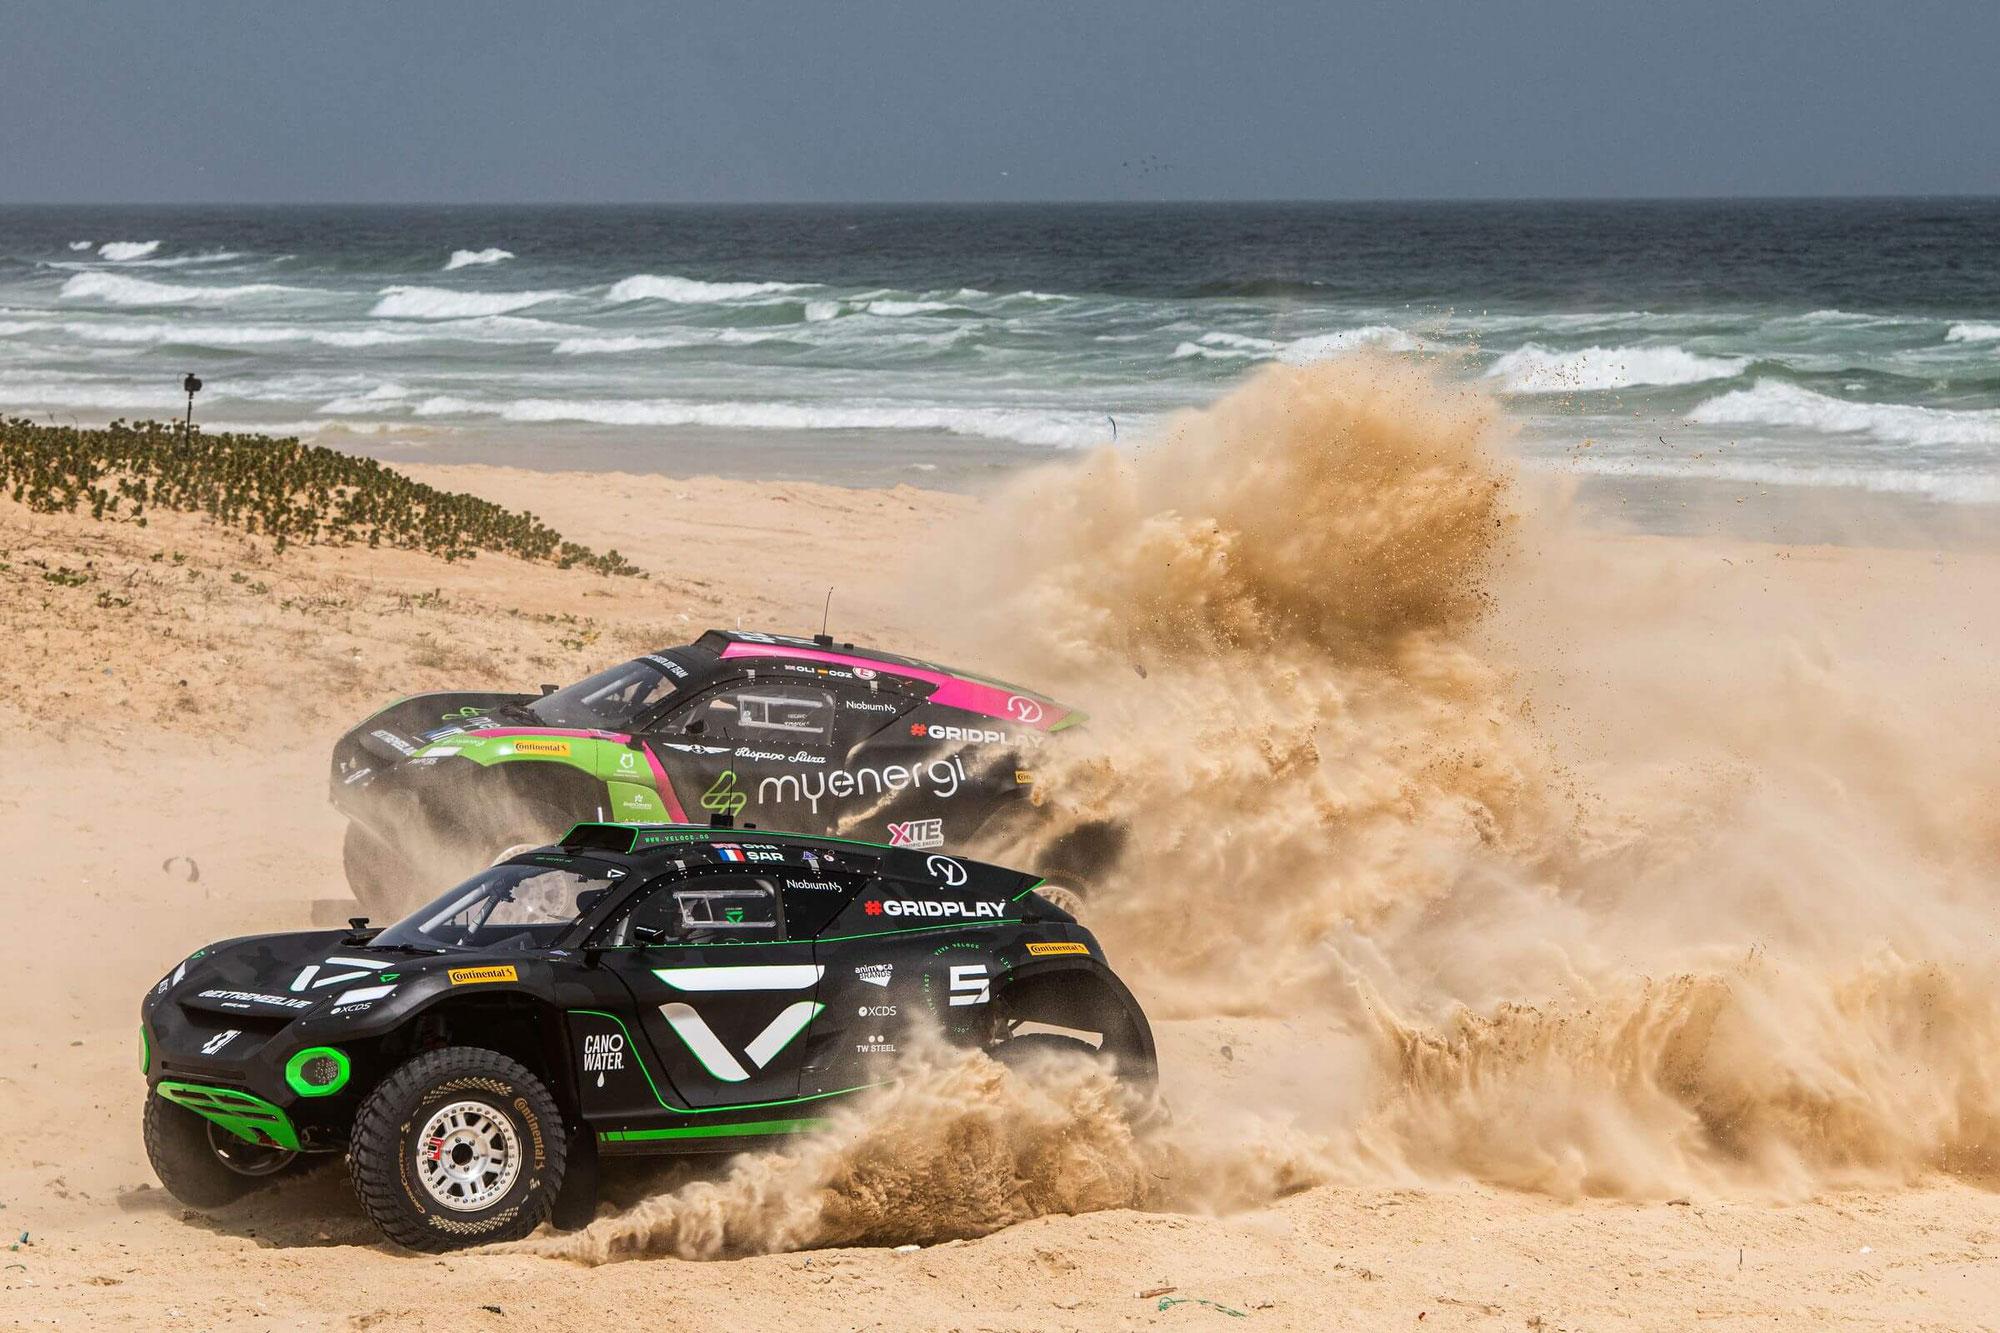 Motorsport als Vorreiter in Sachen globaler Klimaschutz